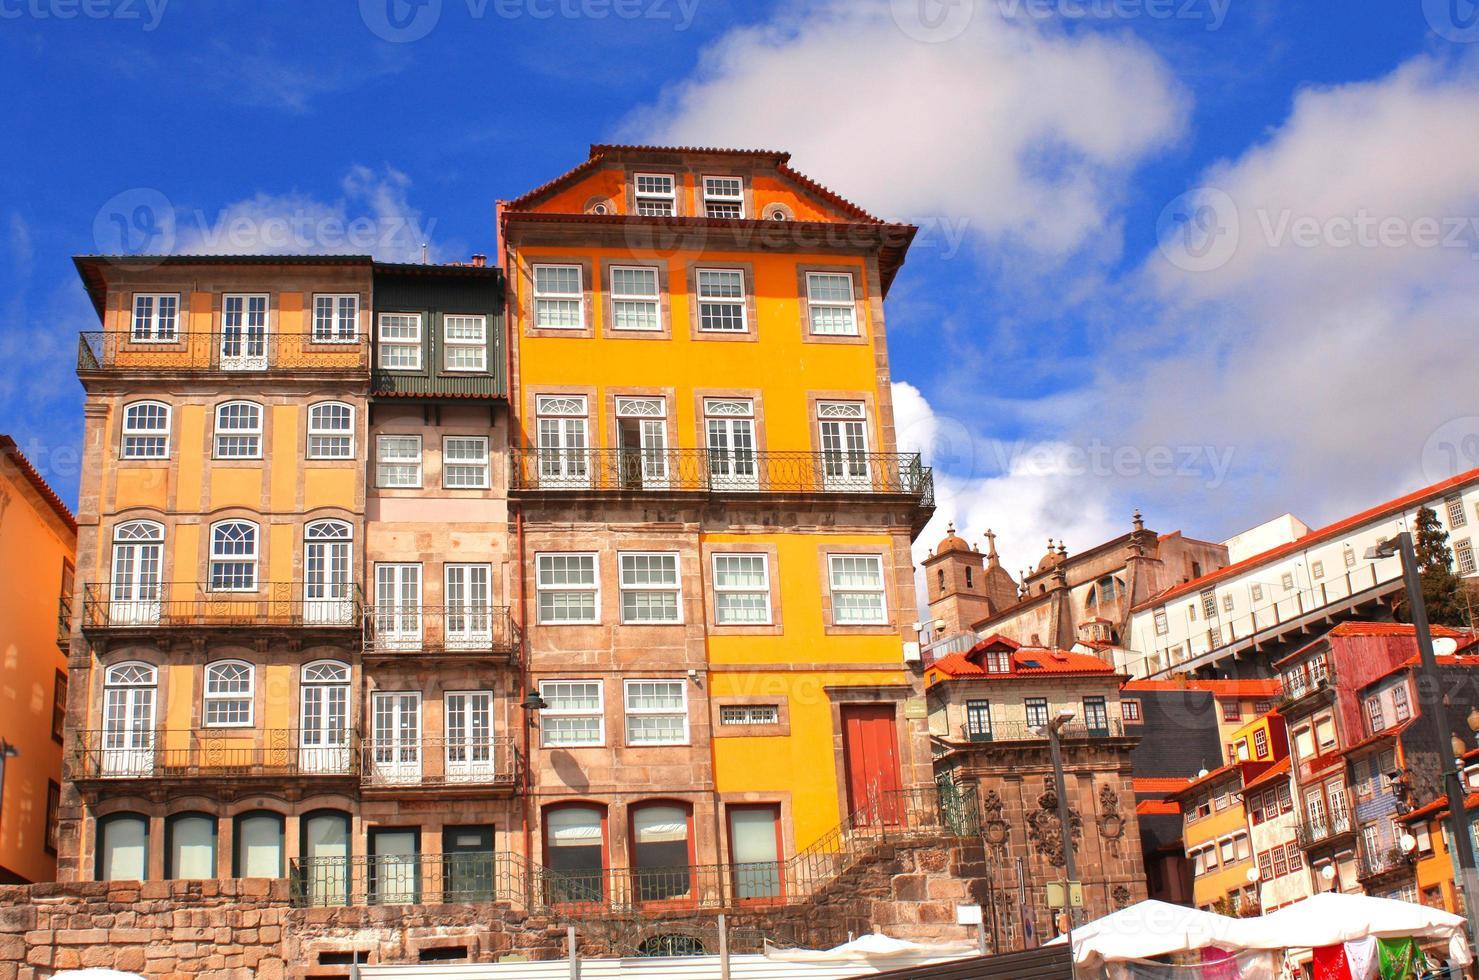 alte häuser in porto, portugal foto